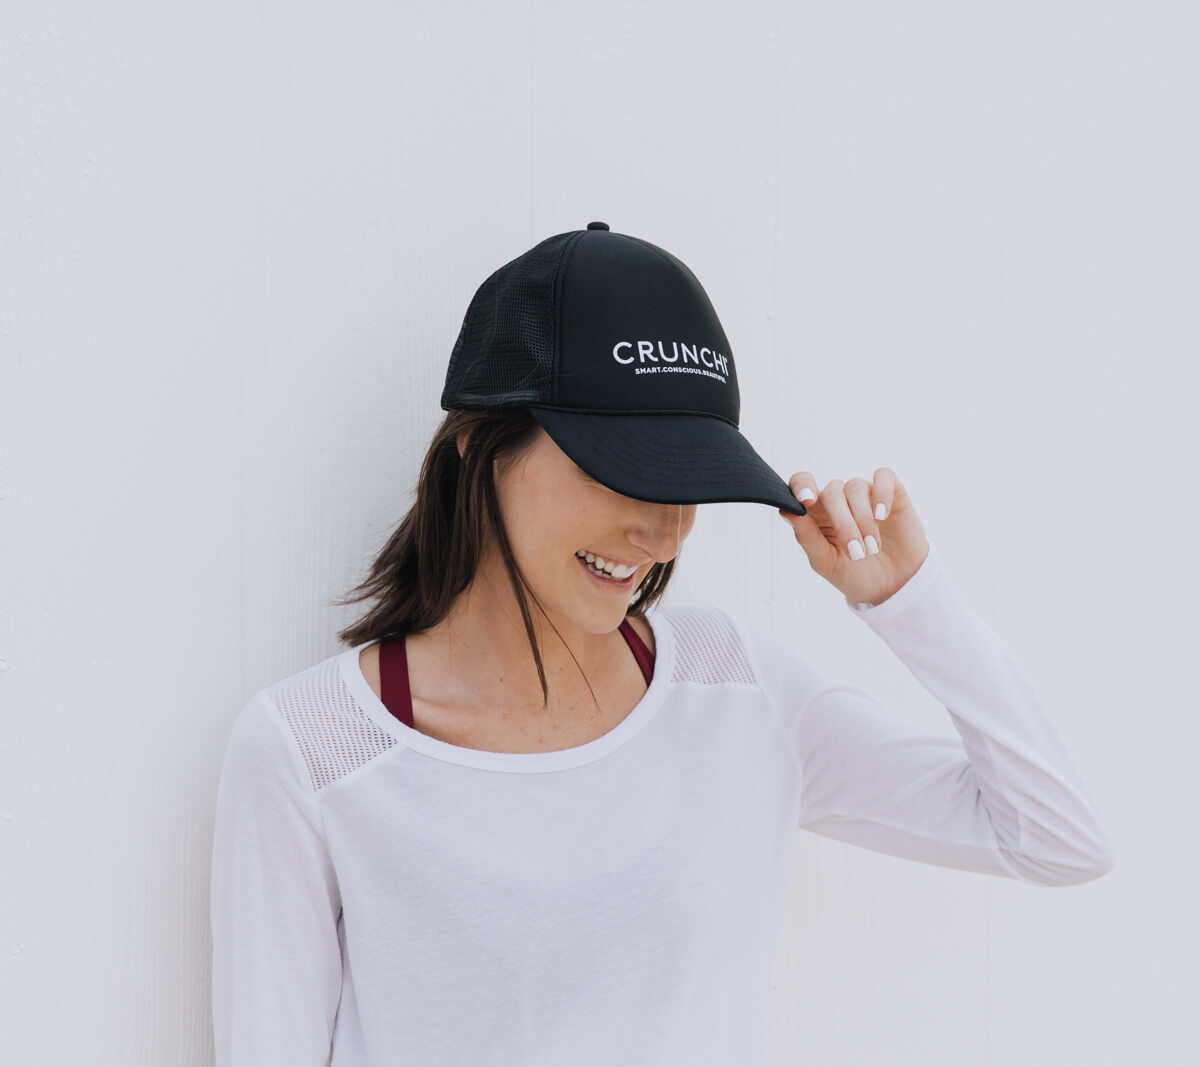 Crunchi Trucker Hat